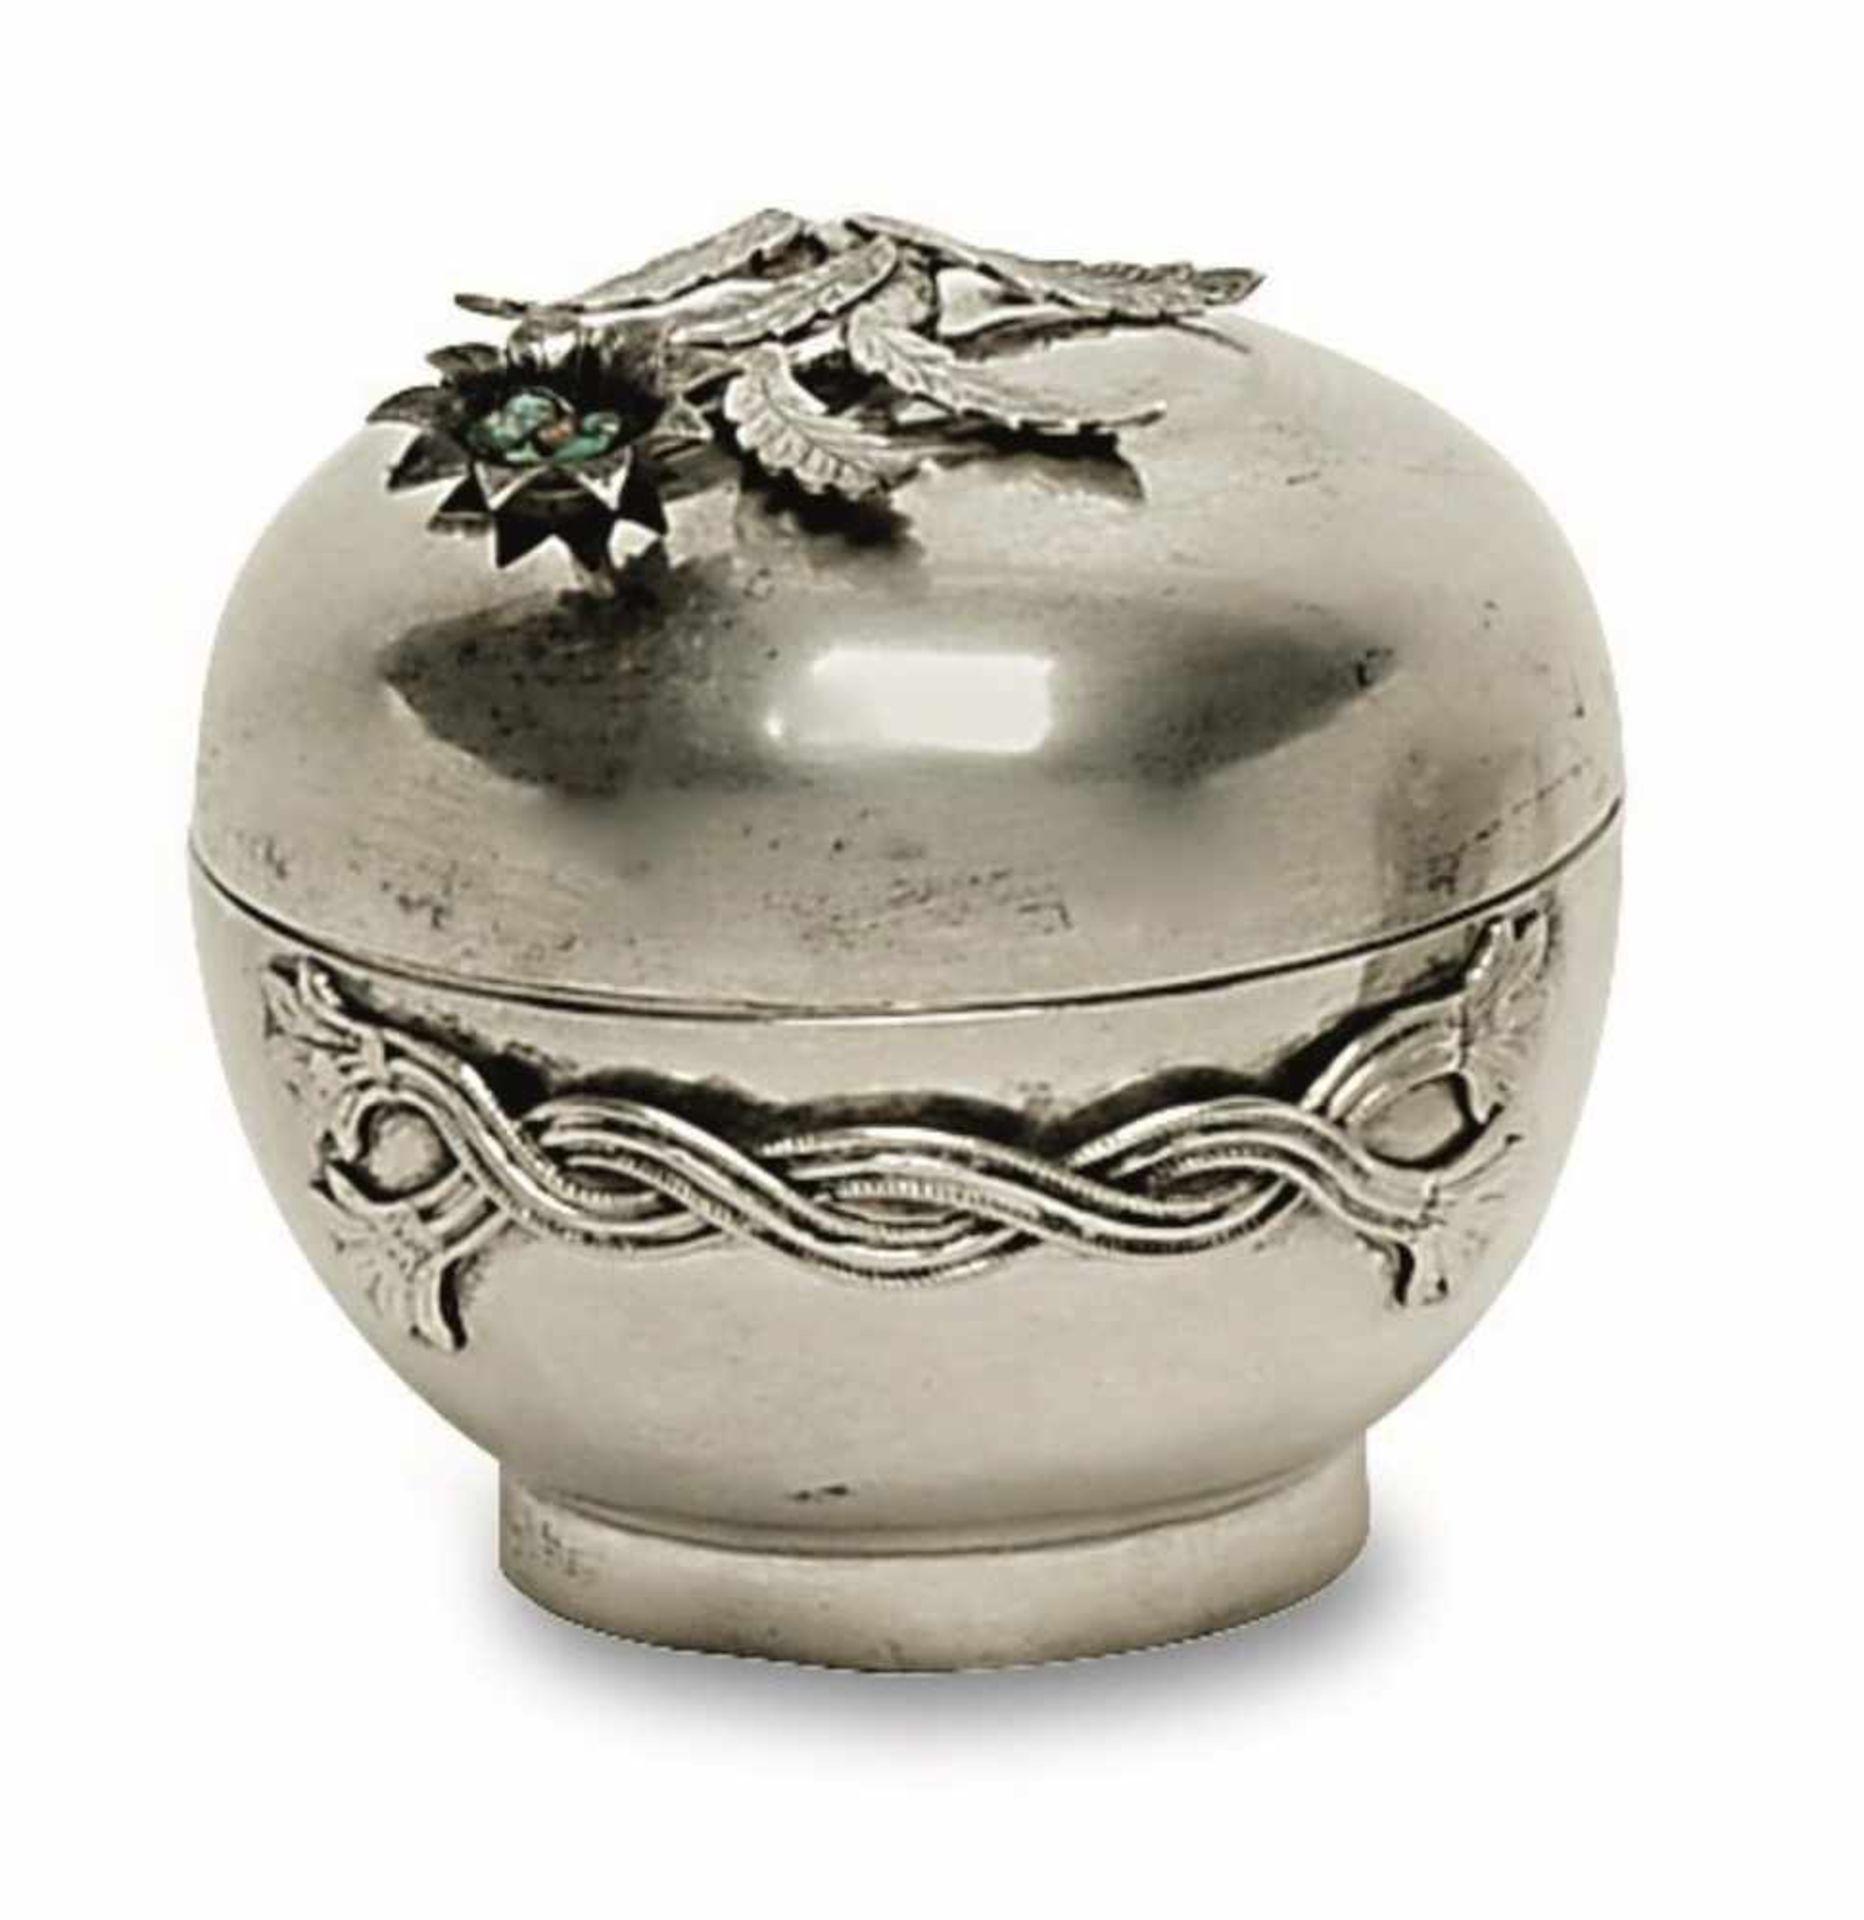 Los 23 - Dose 20. Jh. Silber. Runde Dose mit aufgelegtem Blütenzweig als Deckelknauf und zwei